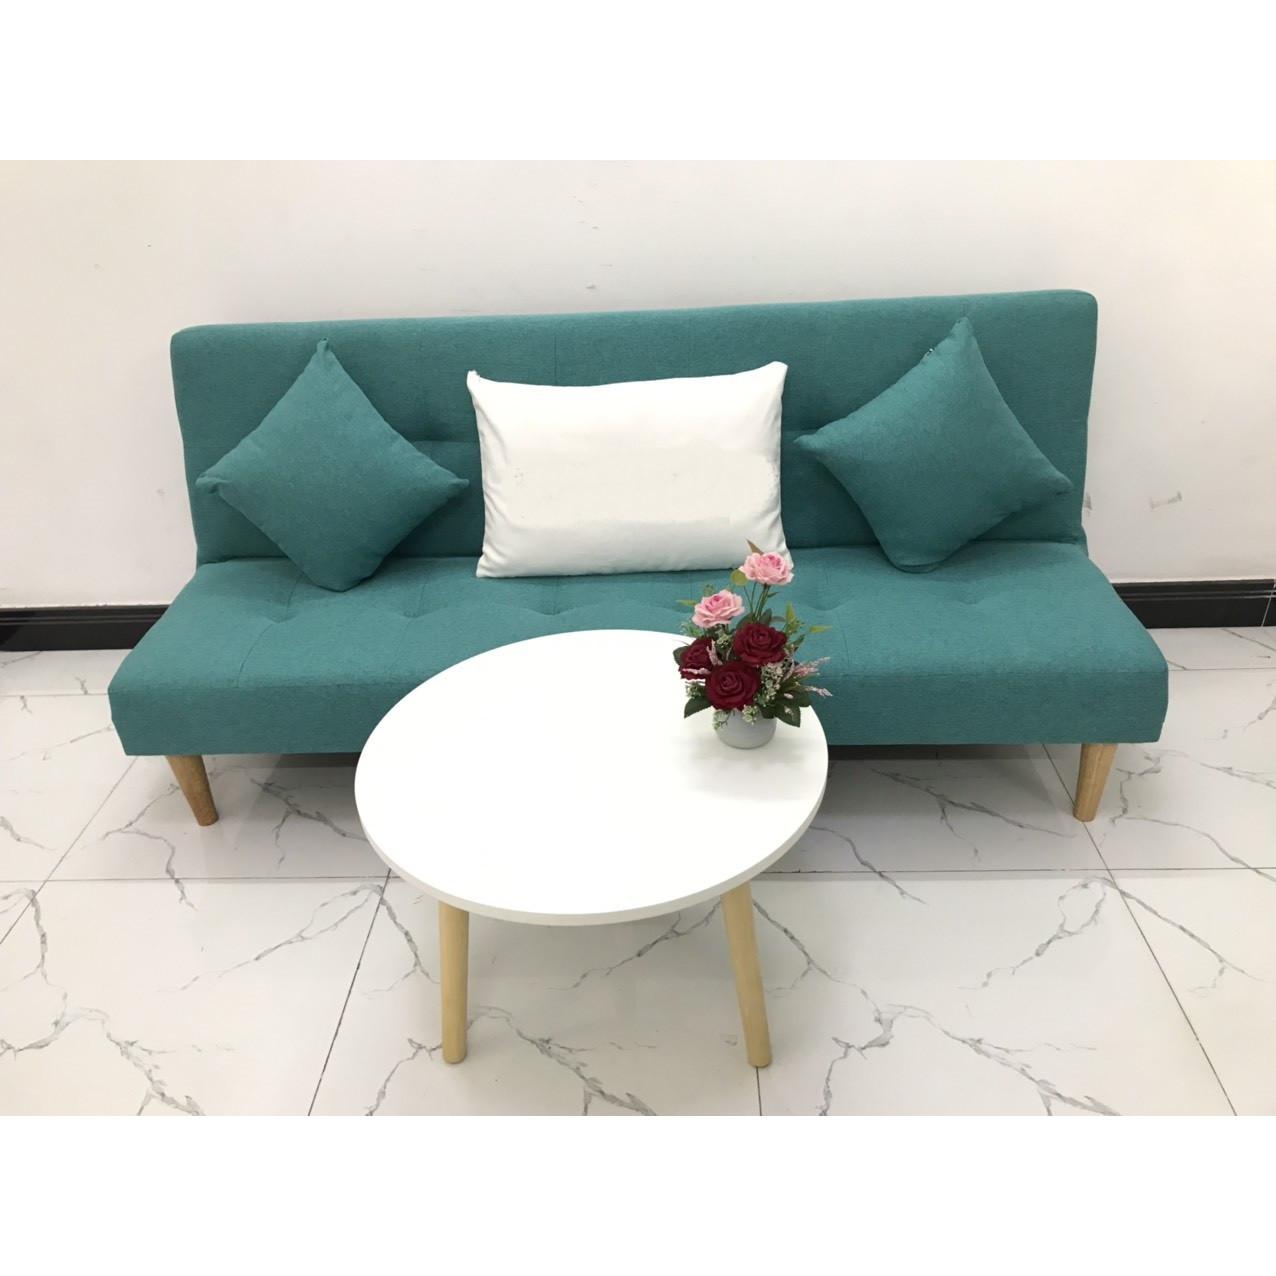 Bộ ghế dài sofa giường nằm linco sofa bed phòng khách SFB-23